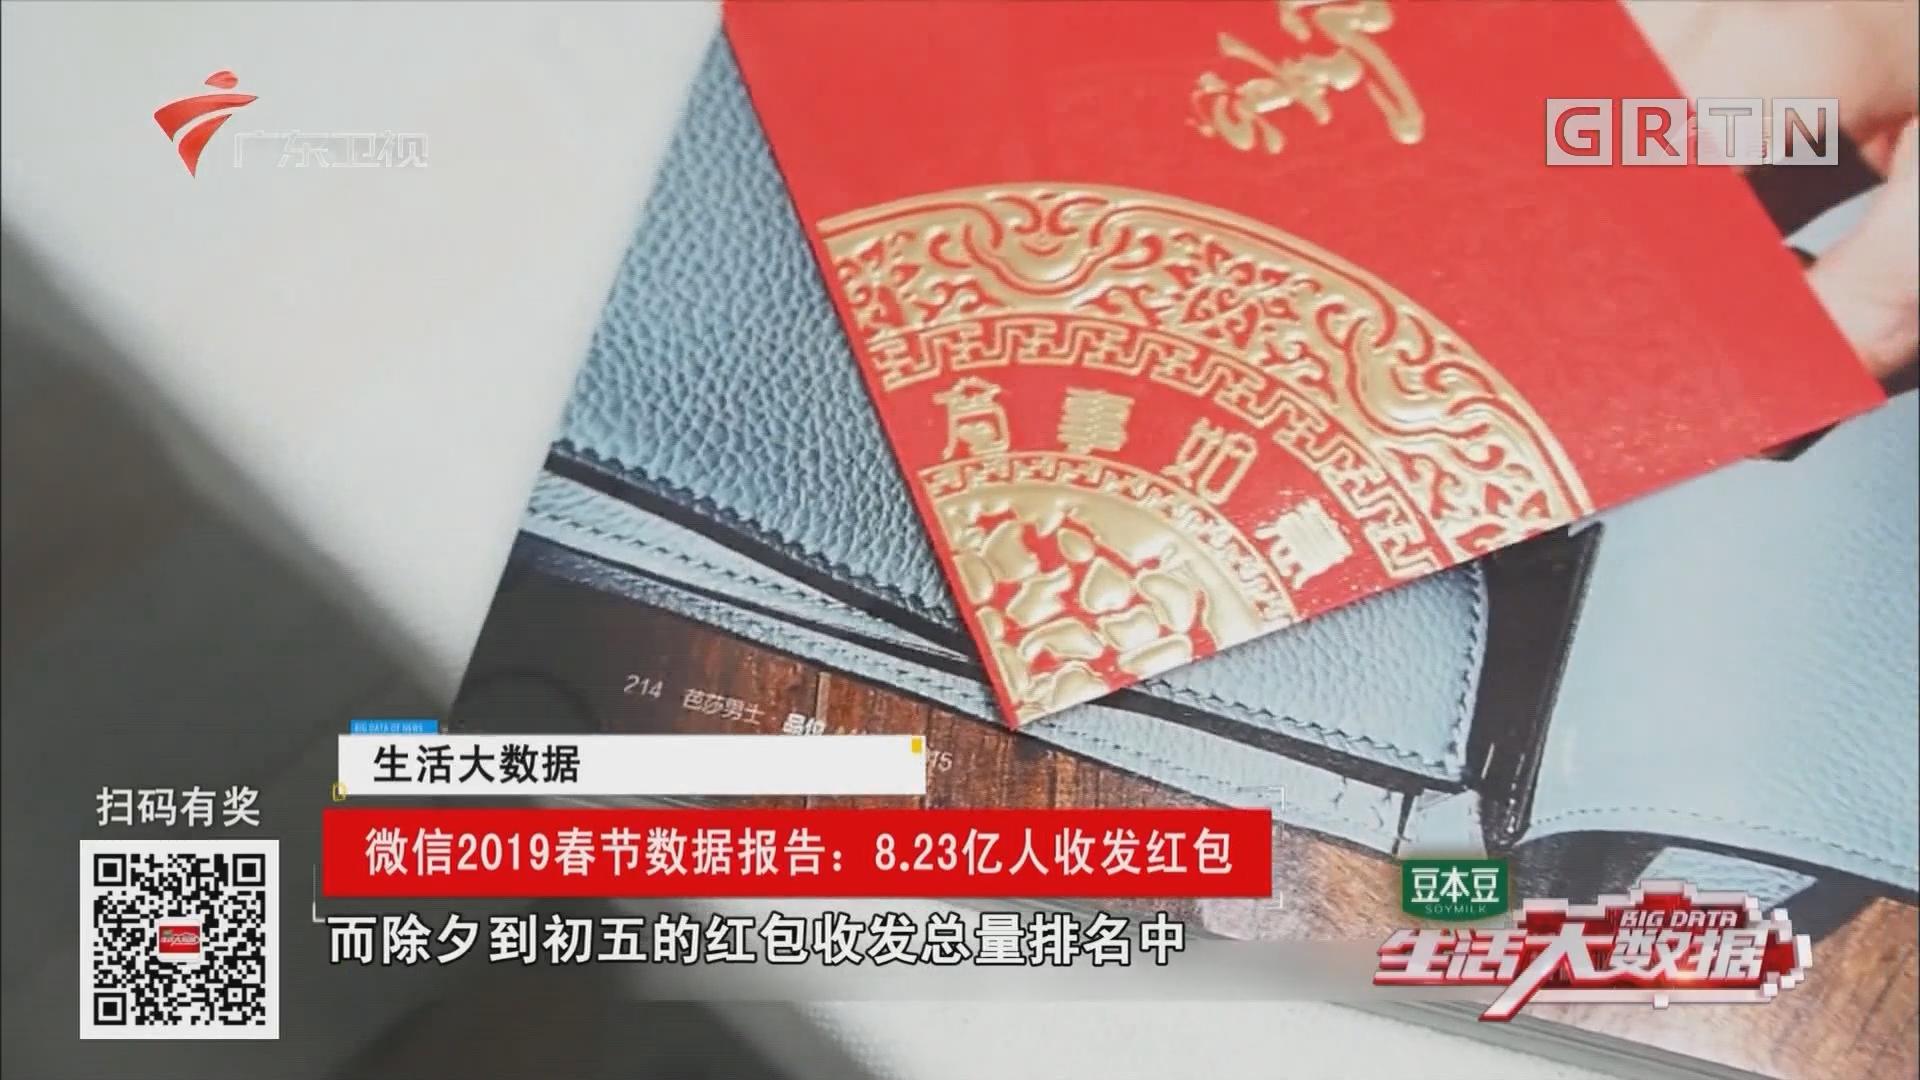 微信2019春节数据报告:8.23亿人收发红包